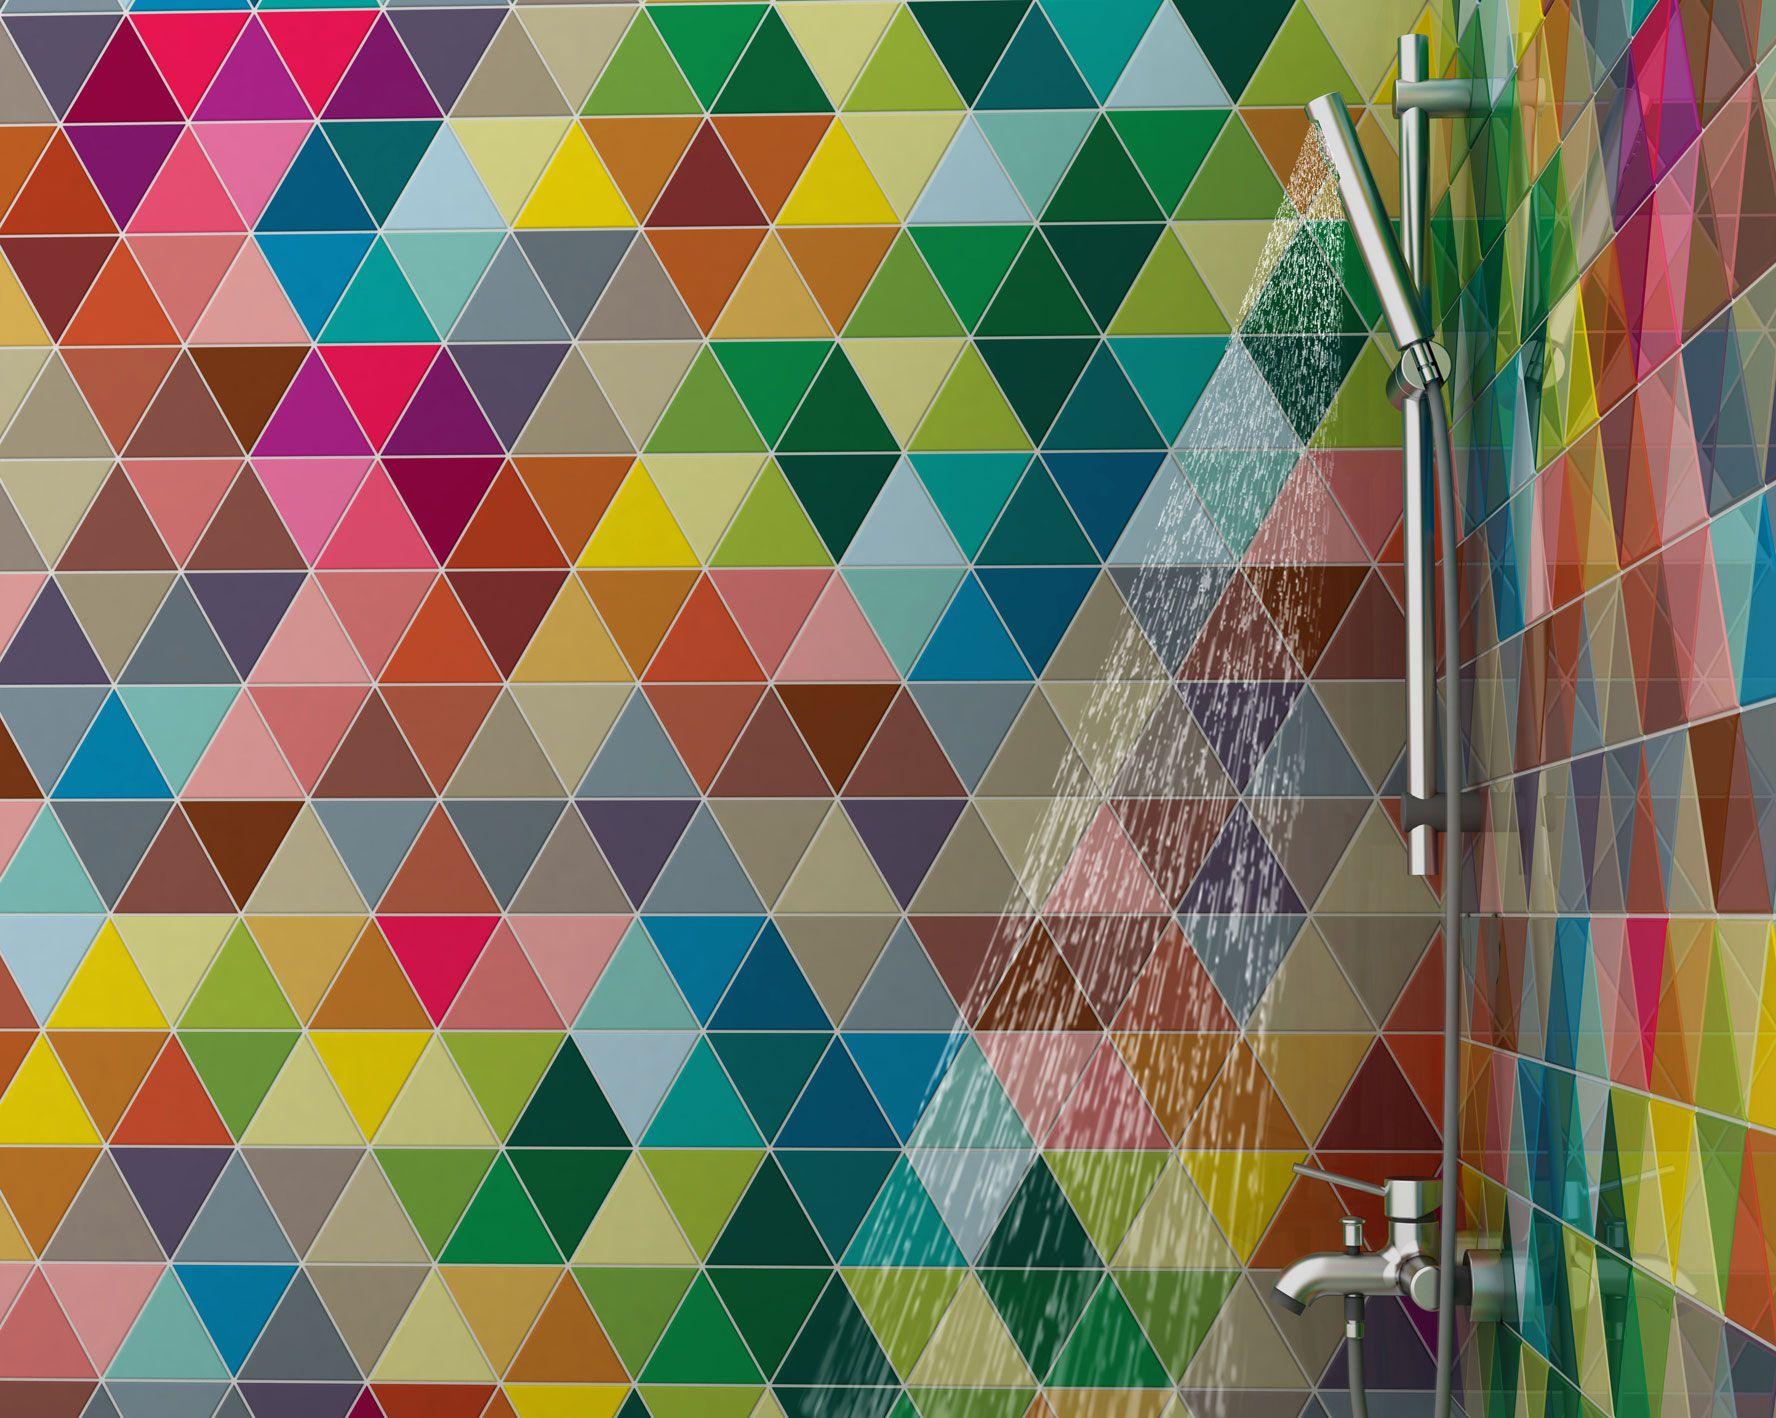 Primer y segundo premio en cevisama para los dise os - Azulejos de colores ...